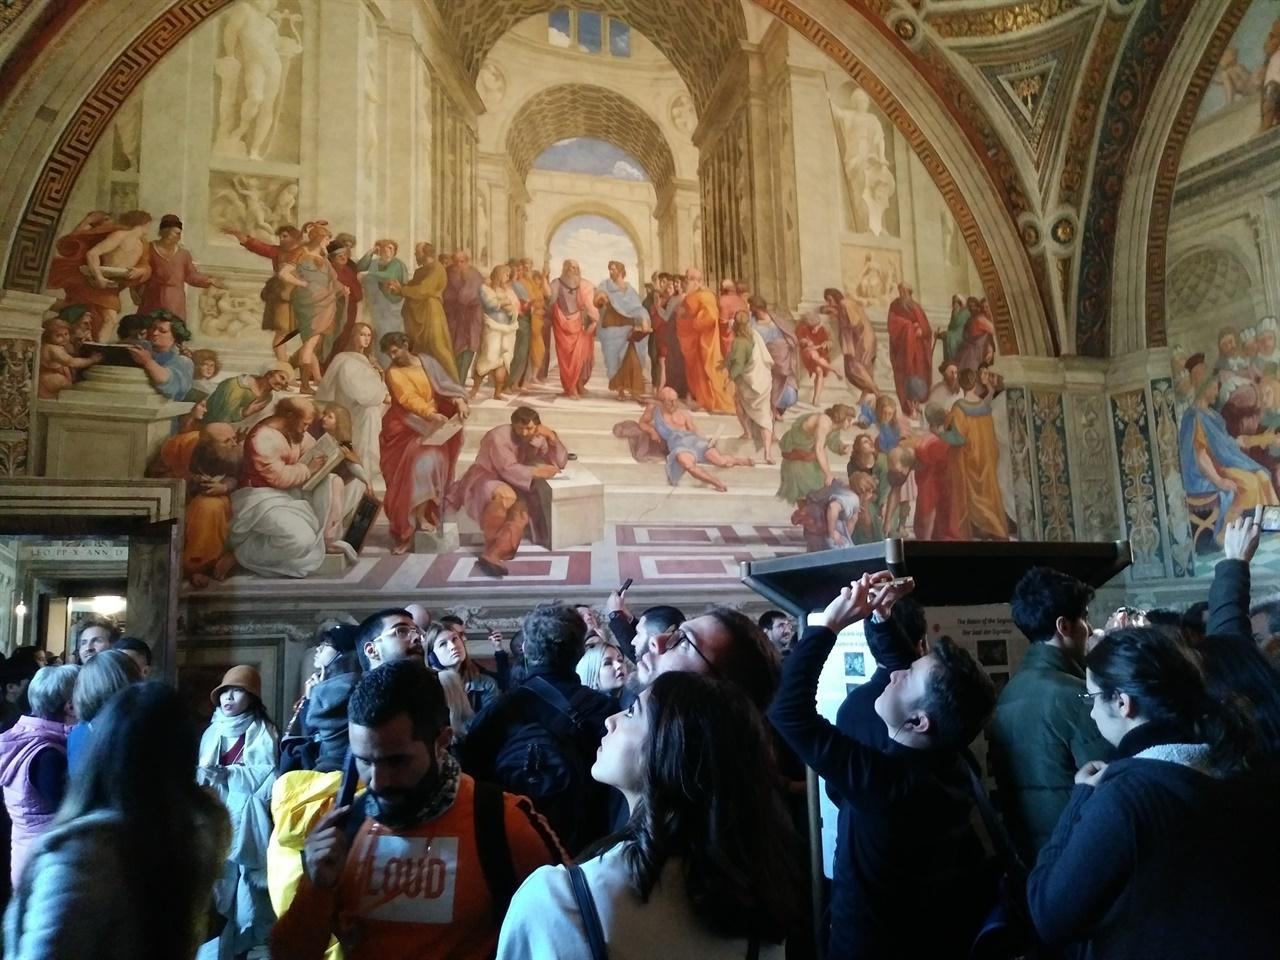 라파엘로의 방 '아테네 학당'이 전시된 라파엘로의 방은 늘 관람객들로 발 디딜 틈조차 없다. 더욱이 차분히 작품을 감상하는 건 애초 불가능하다.